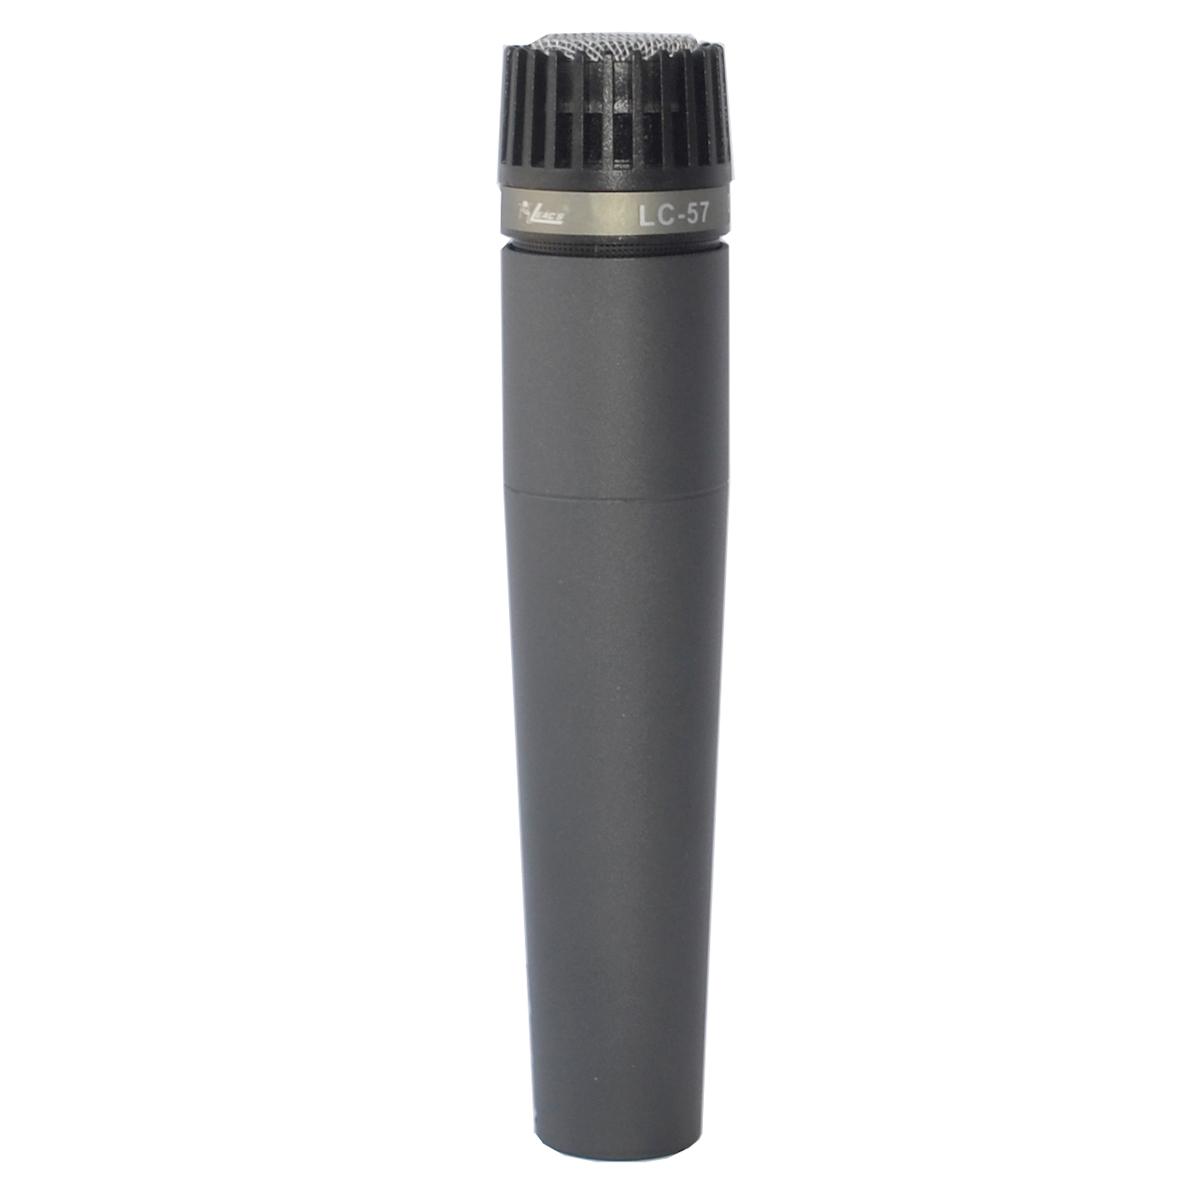 LC57 - Microfone c/ Fio de M�o LC 57 - Leacs